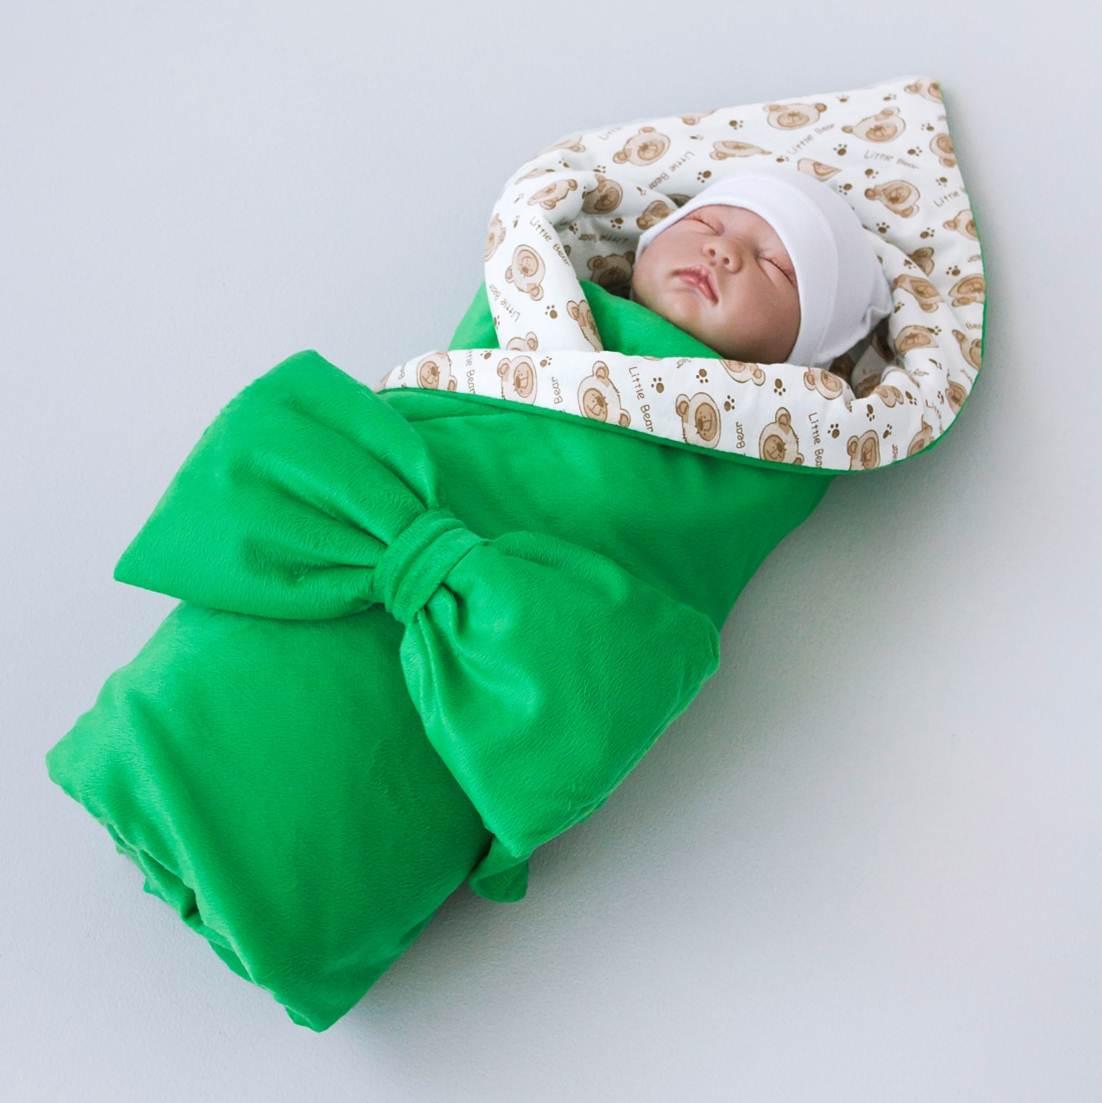 малыш в конверте трансформере